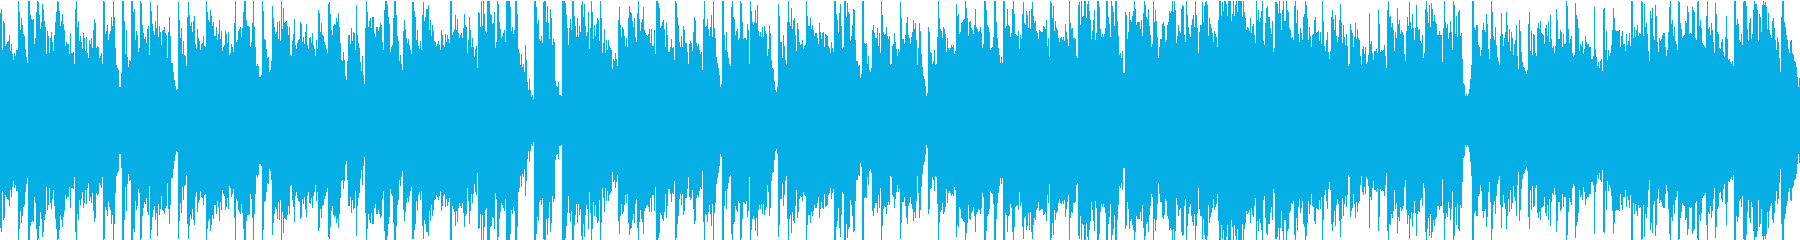 平和でほのぼの、アニメの日常風景BGMの再生済みの波形